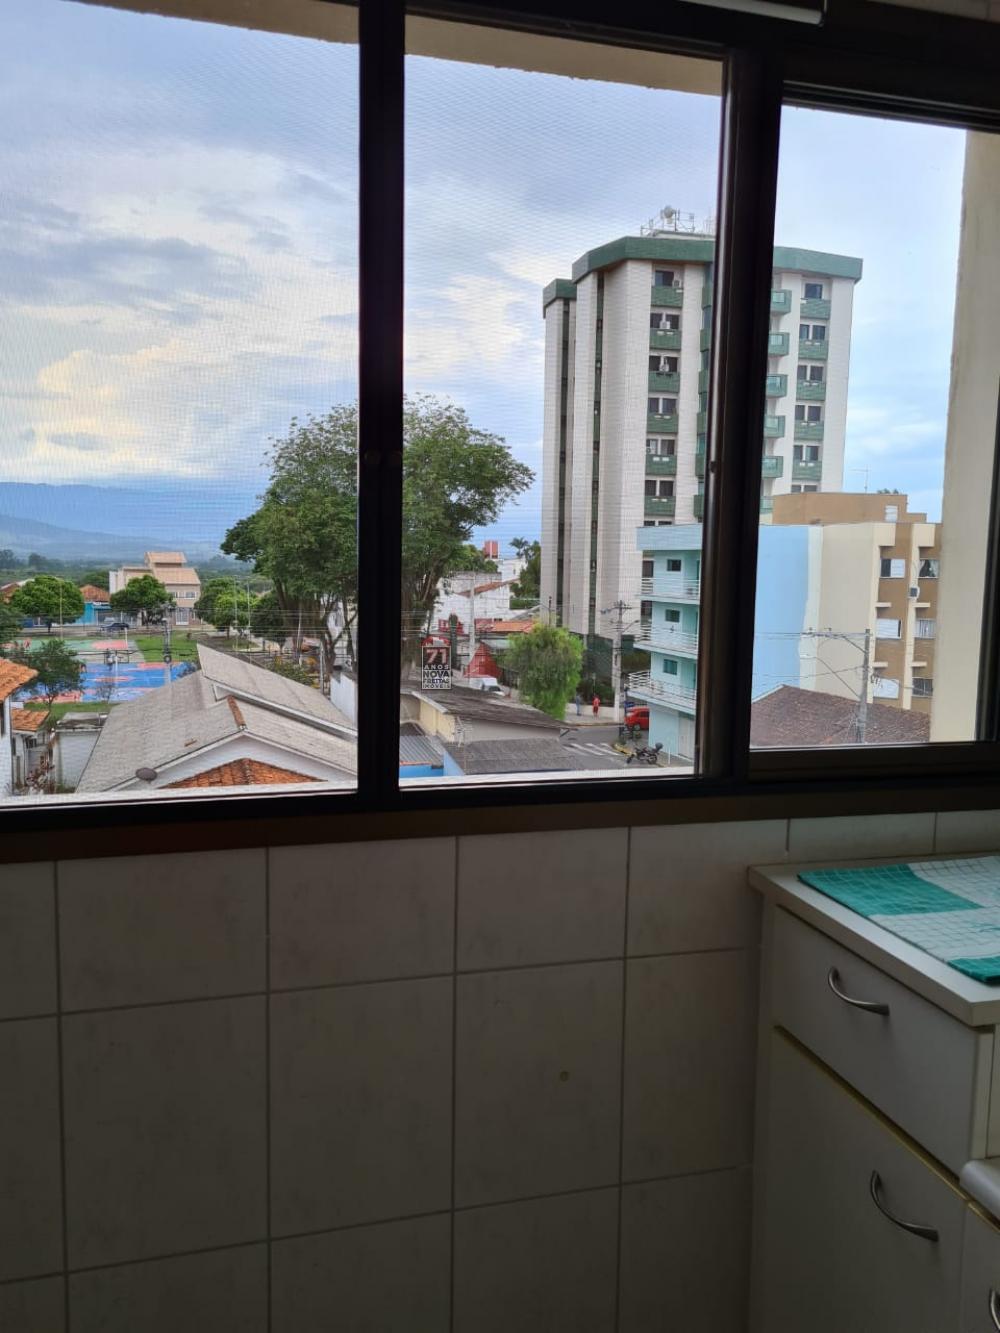 Comprar Apartamento / Padrão em Pindamonhangaba apenas R$ 430.000,00 - Foto 9